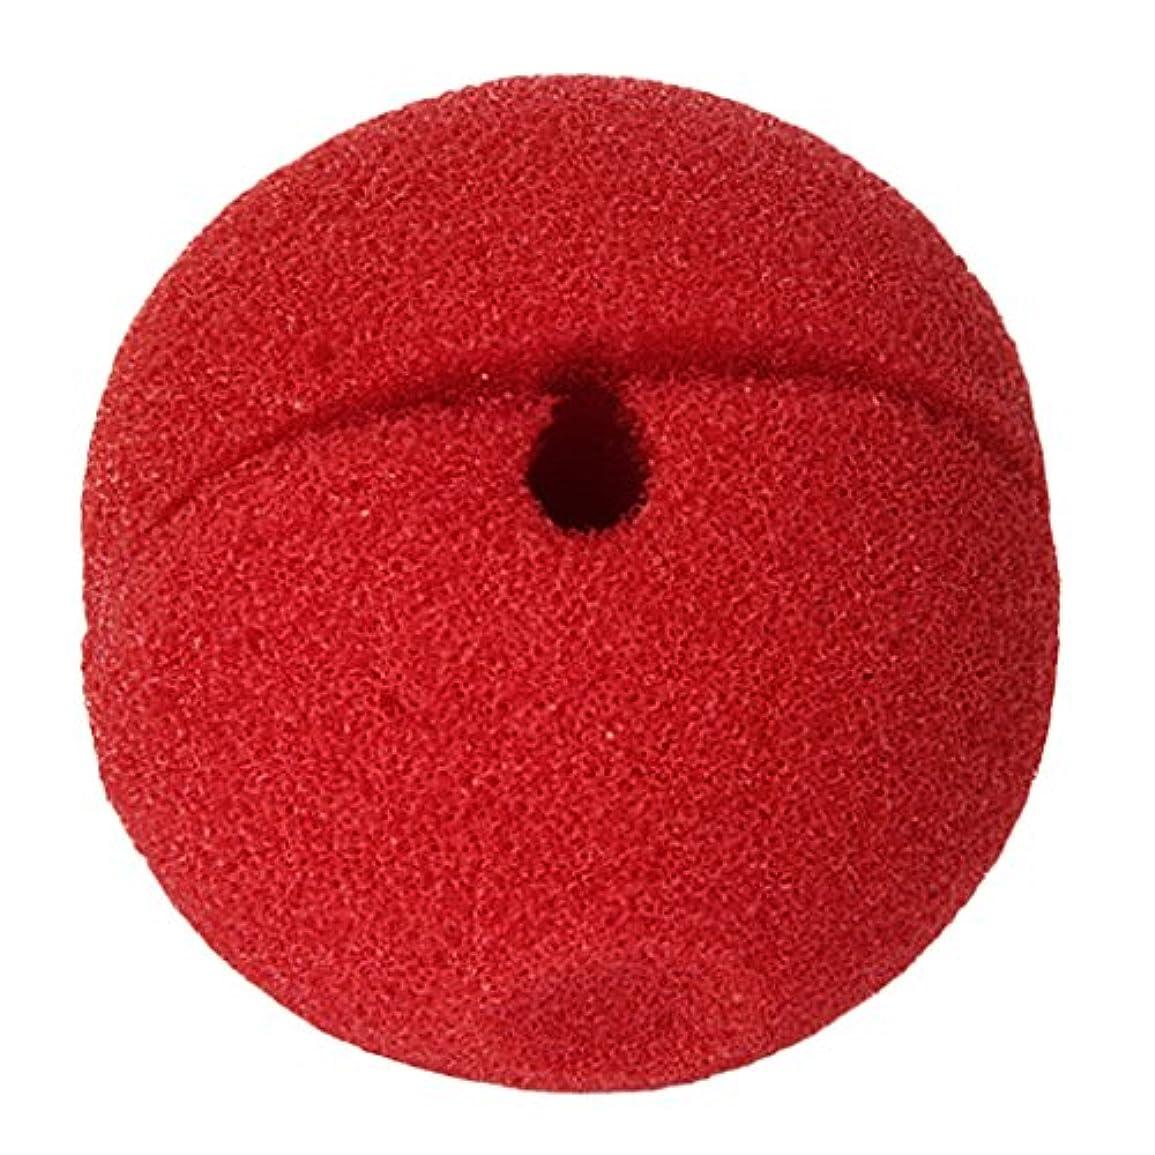 プレビスサイト消費抑制する【ノーブランド品】赤い 泡ピエロ 鼻仮装 パーティー 仮装コスプレ